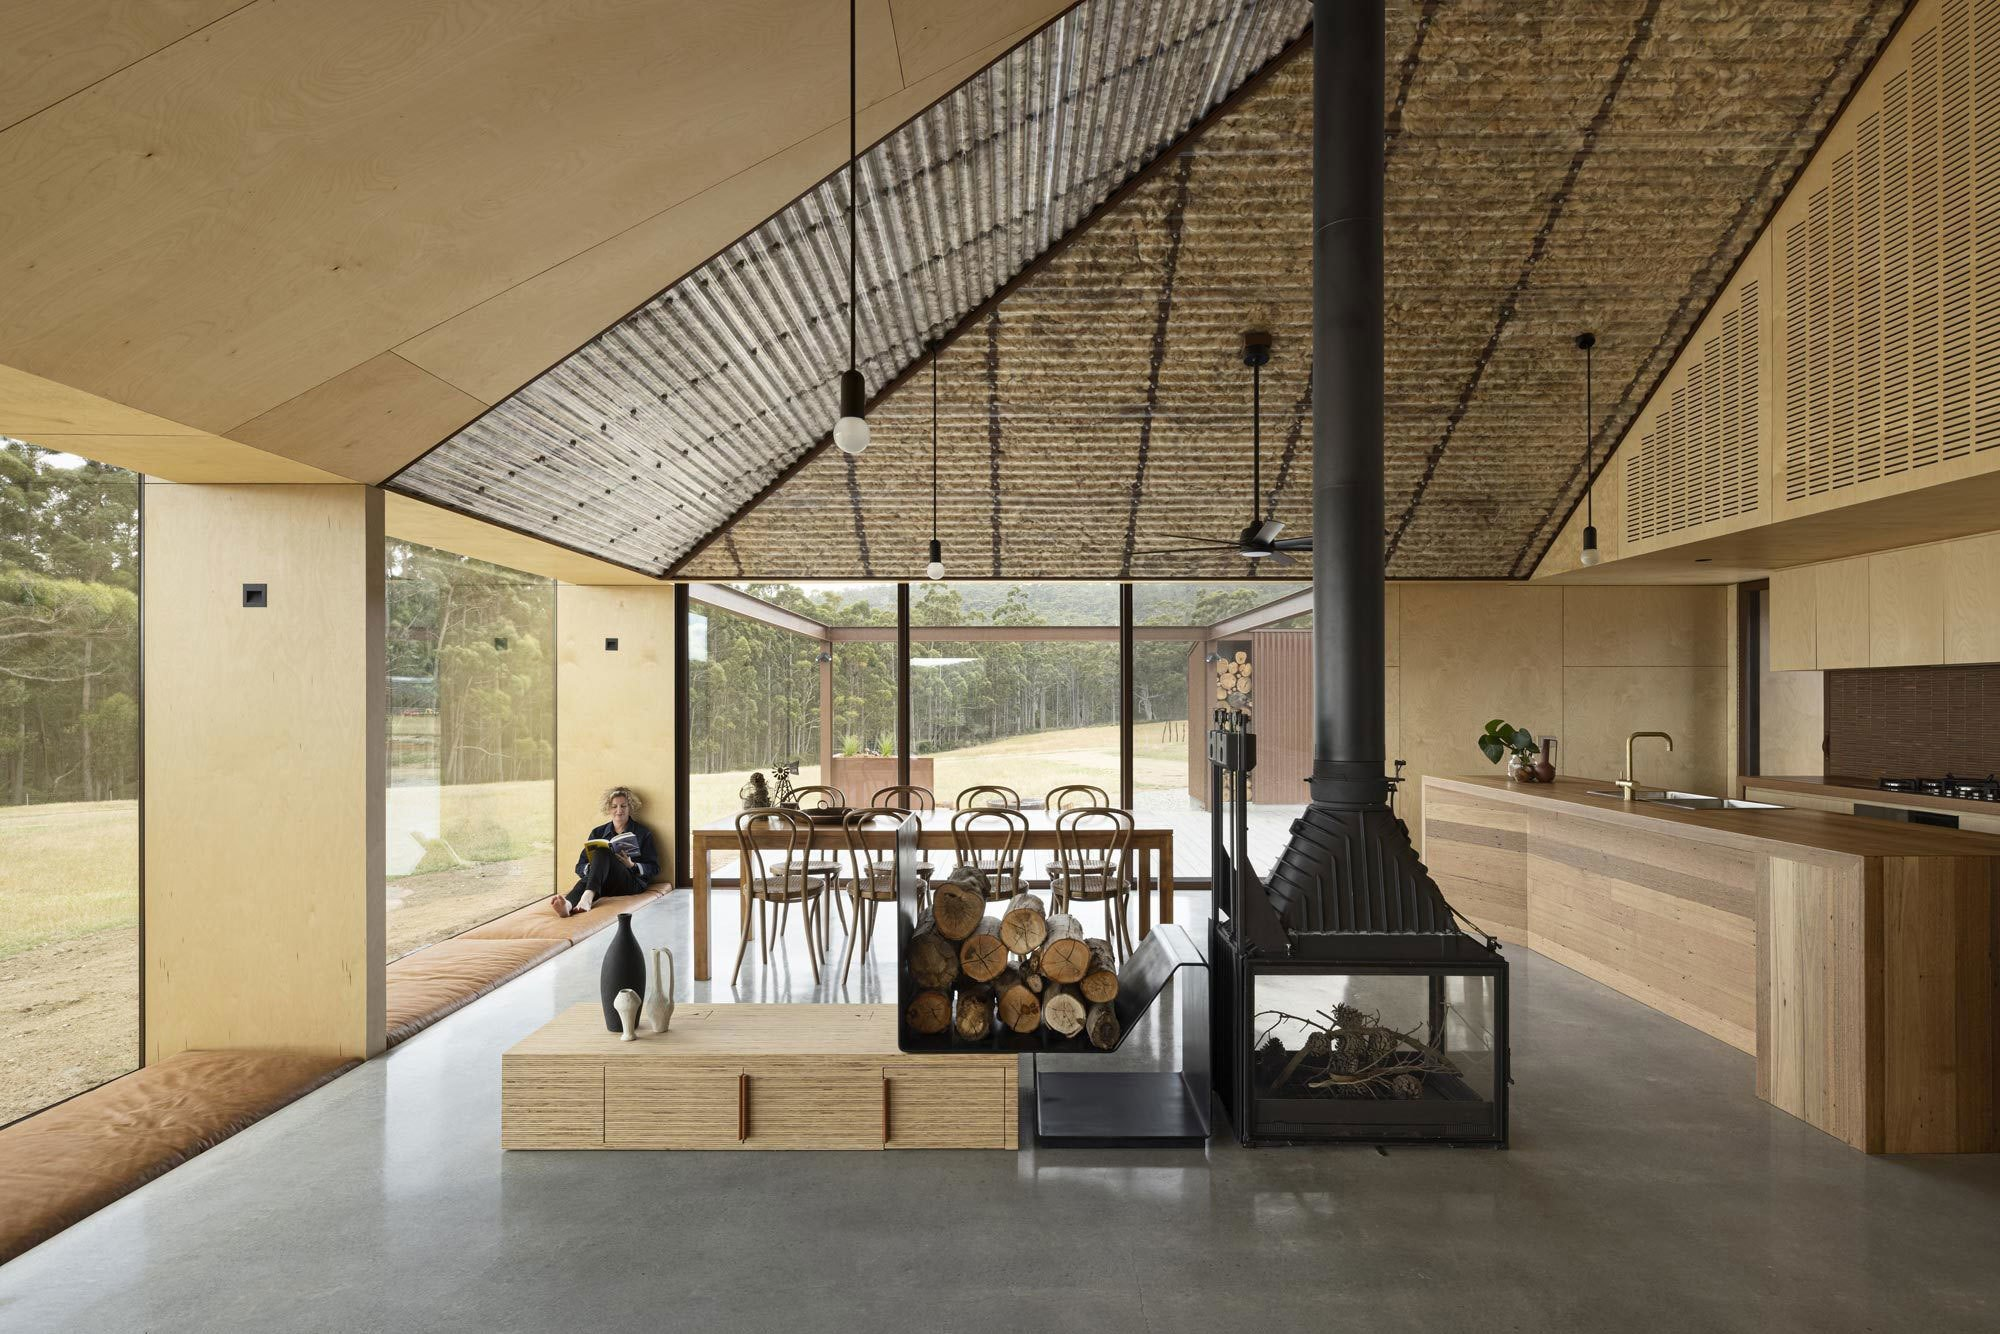 Ob als spektakuläres Gestaltungselement oder nützlicher Stauraum – Einbauten aus Holz geben Räumen einen ganz besonderen Charakter, viel Wohnlichkeit und Wärme, wie das Haus Coopworth von FMD Architects auf Bruny Island in Australien zeigt. Foto: Dianna Snape